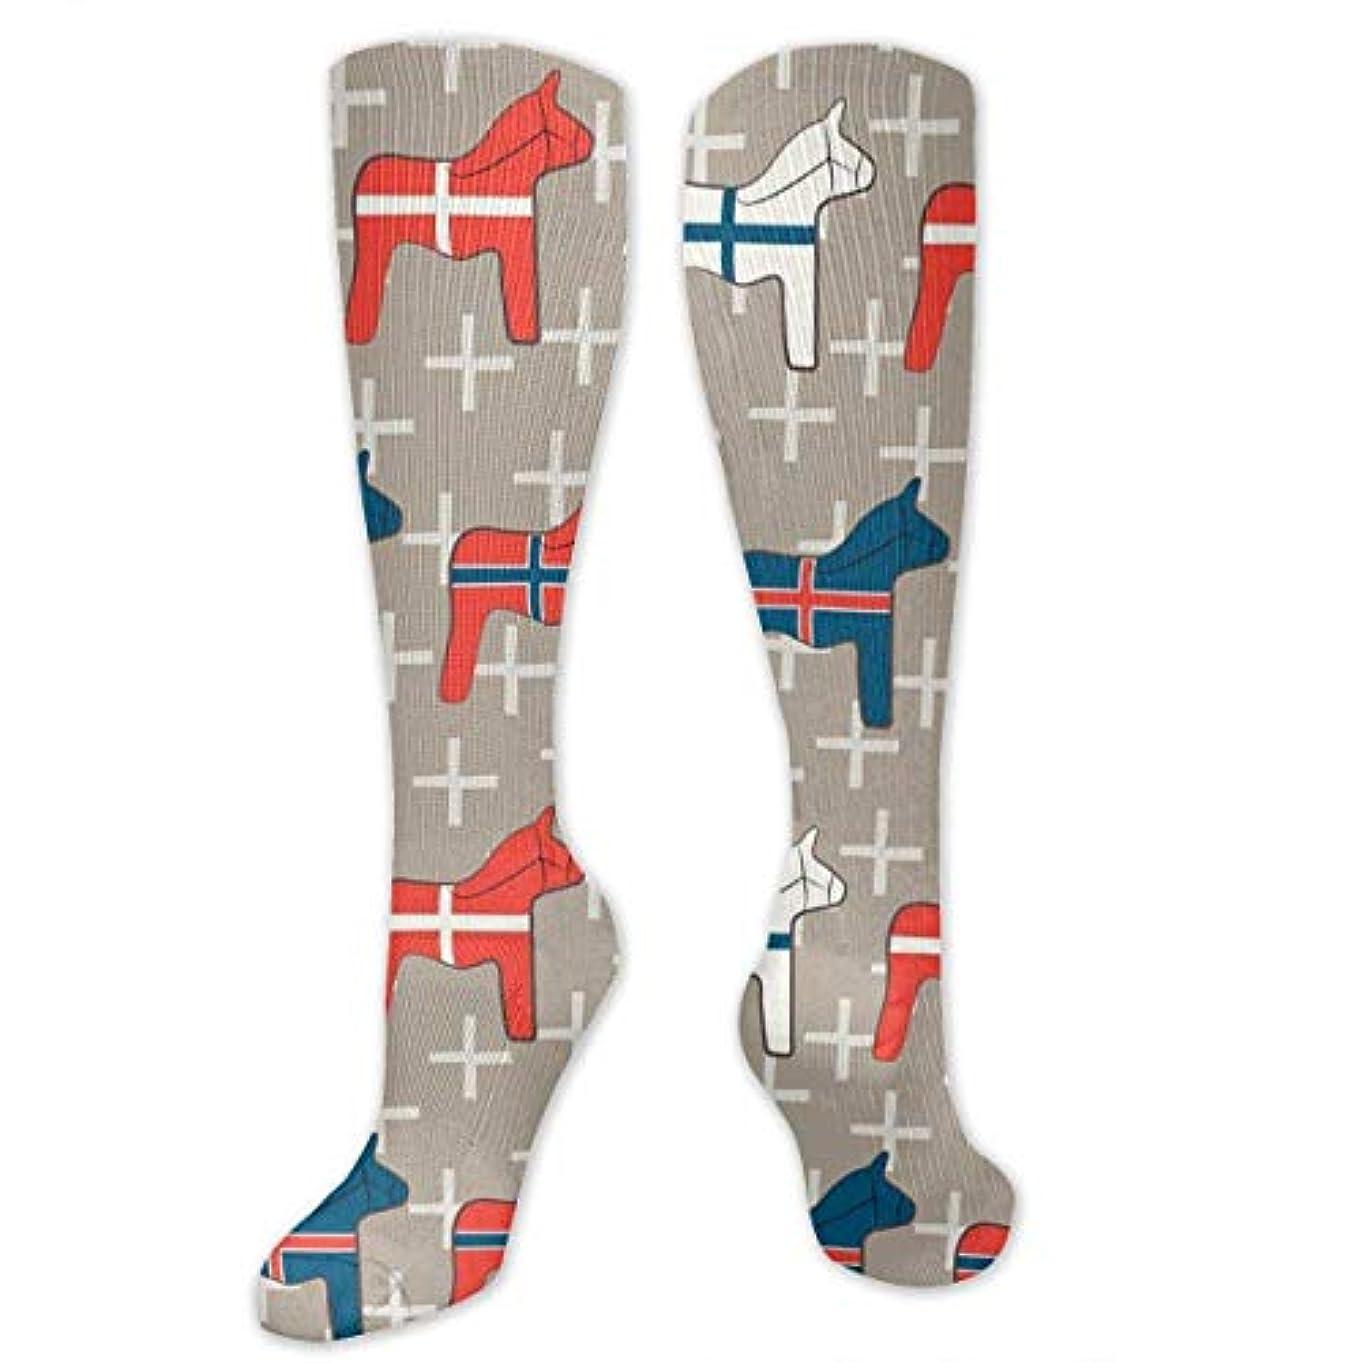 本部ダイジェストくすぐったい靴下,ストッキング,野生のジョーカー,実際,秋の本質,冬必須,サマーウェア&RBXAA Wooden Dala Horses Socks Women's Winter Cotton Long Tube Socks Knee...